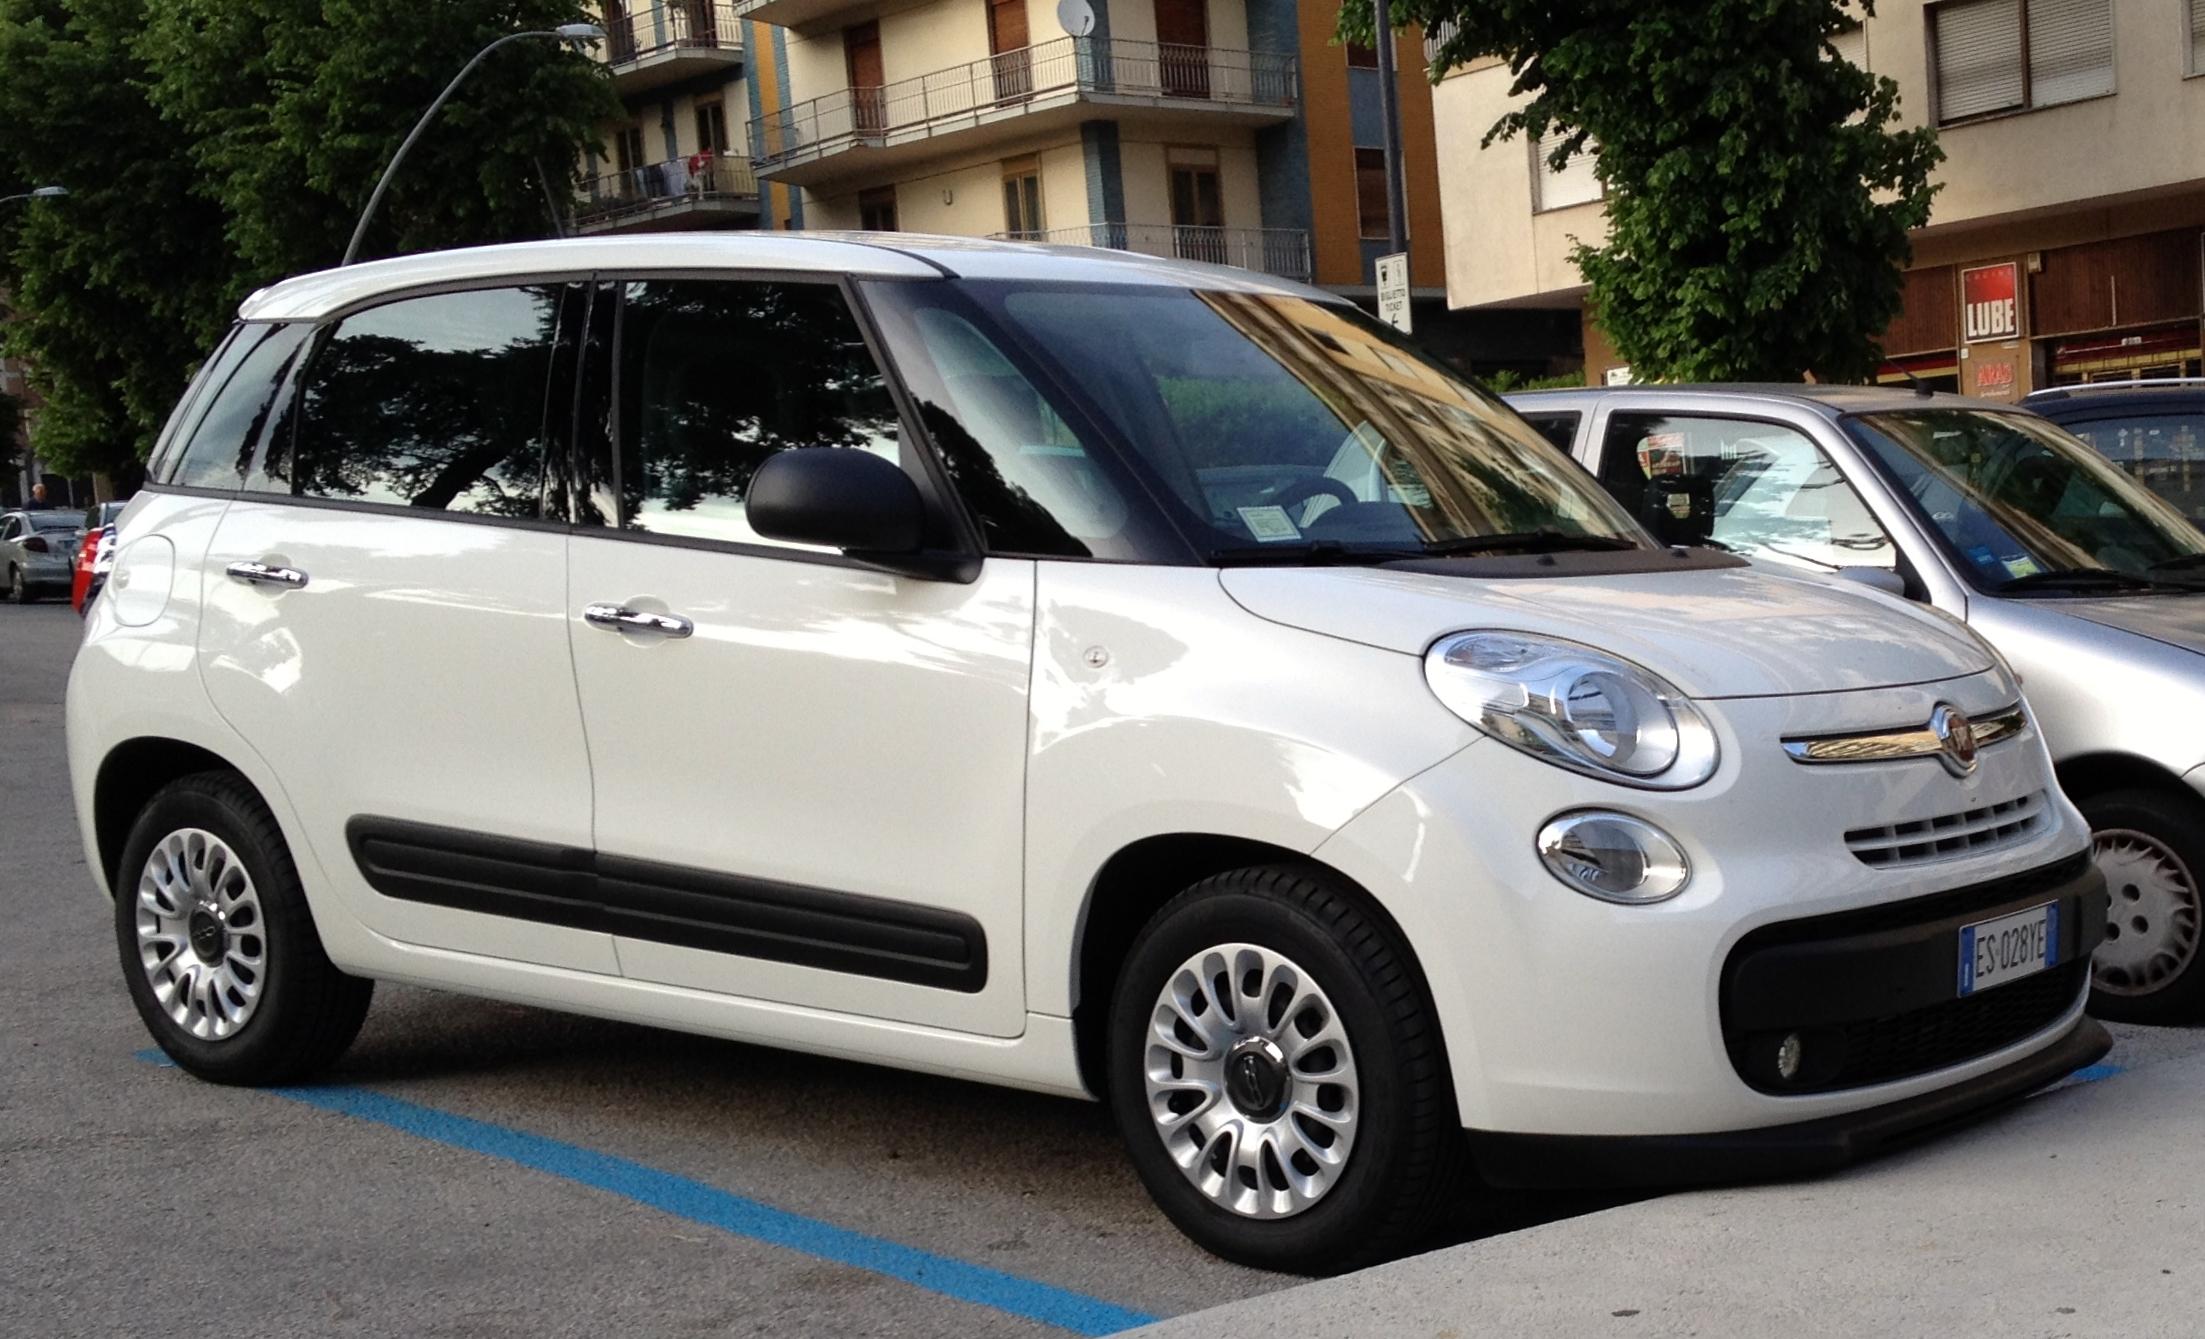 2014 Fiat 500L 1.3 Multijet Pop front.JPG